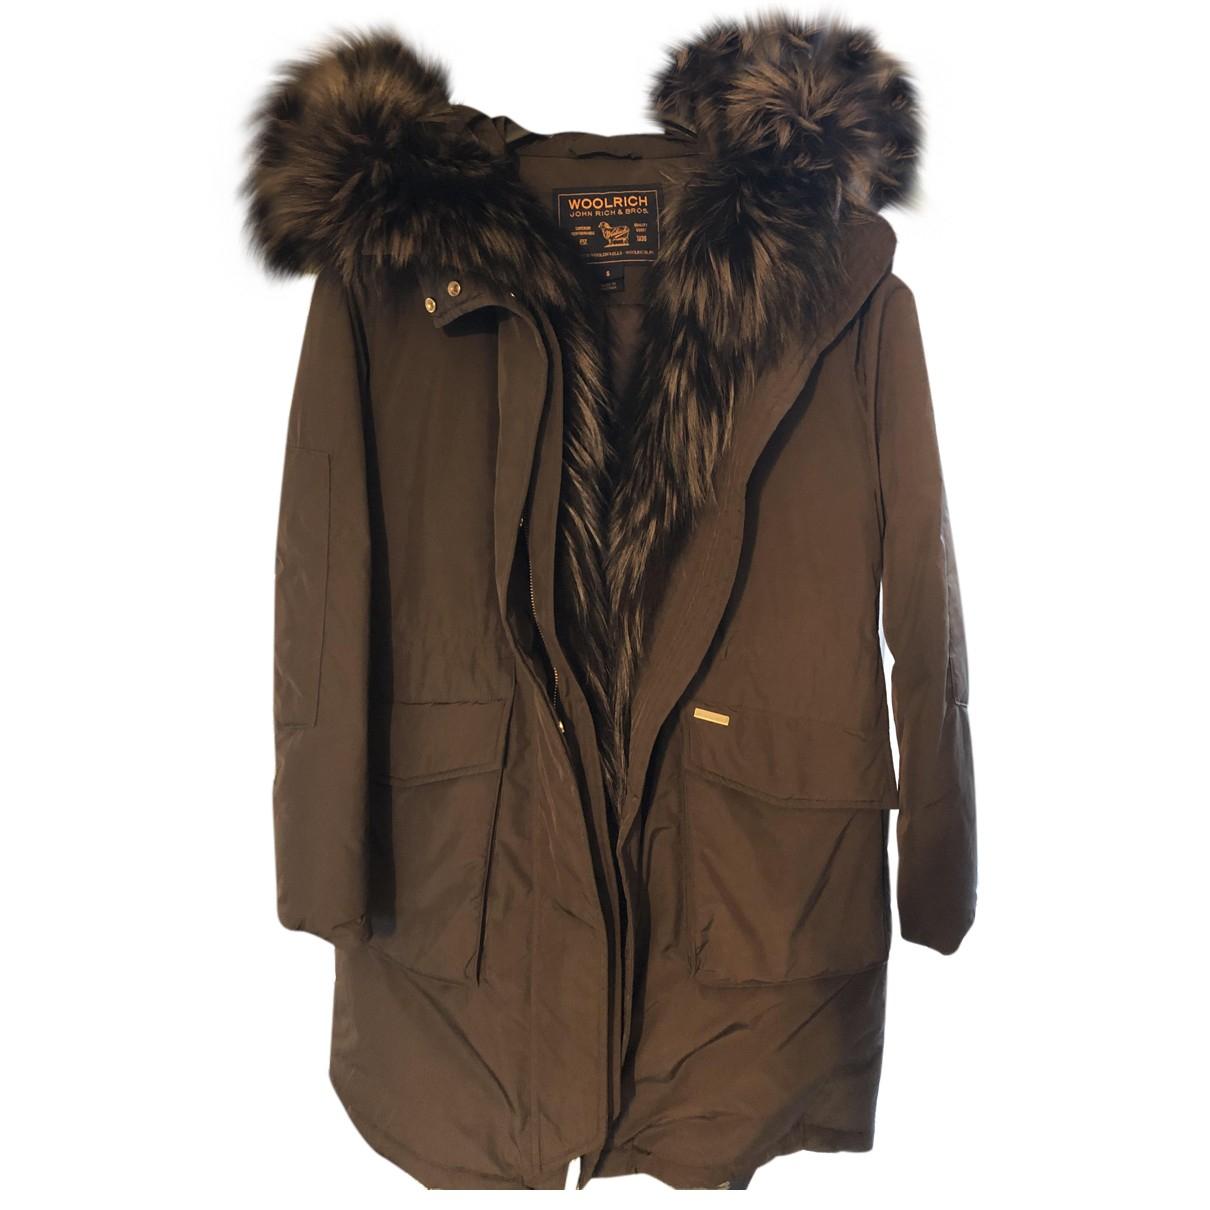 Woolrich - Manteau   pour femme - marron